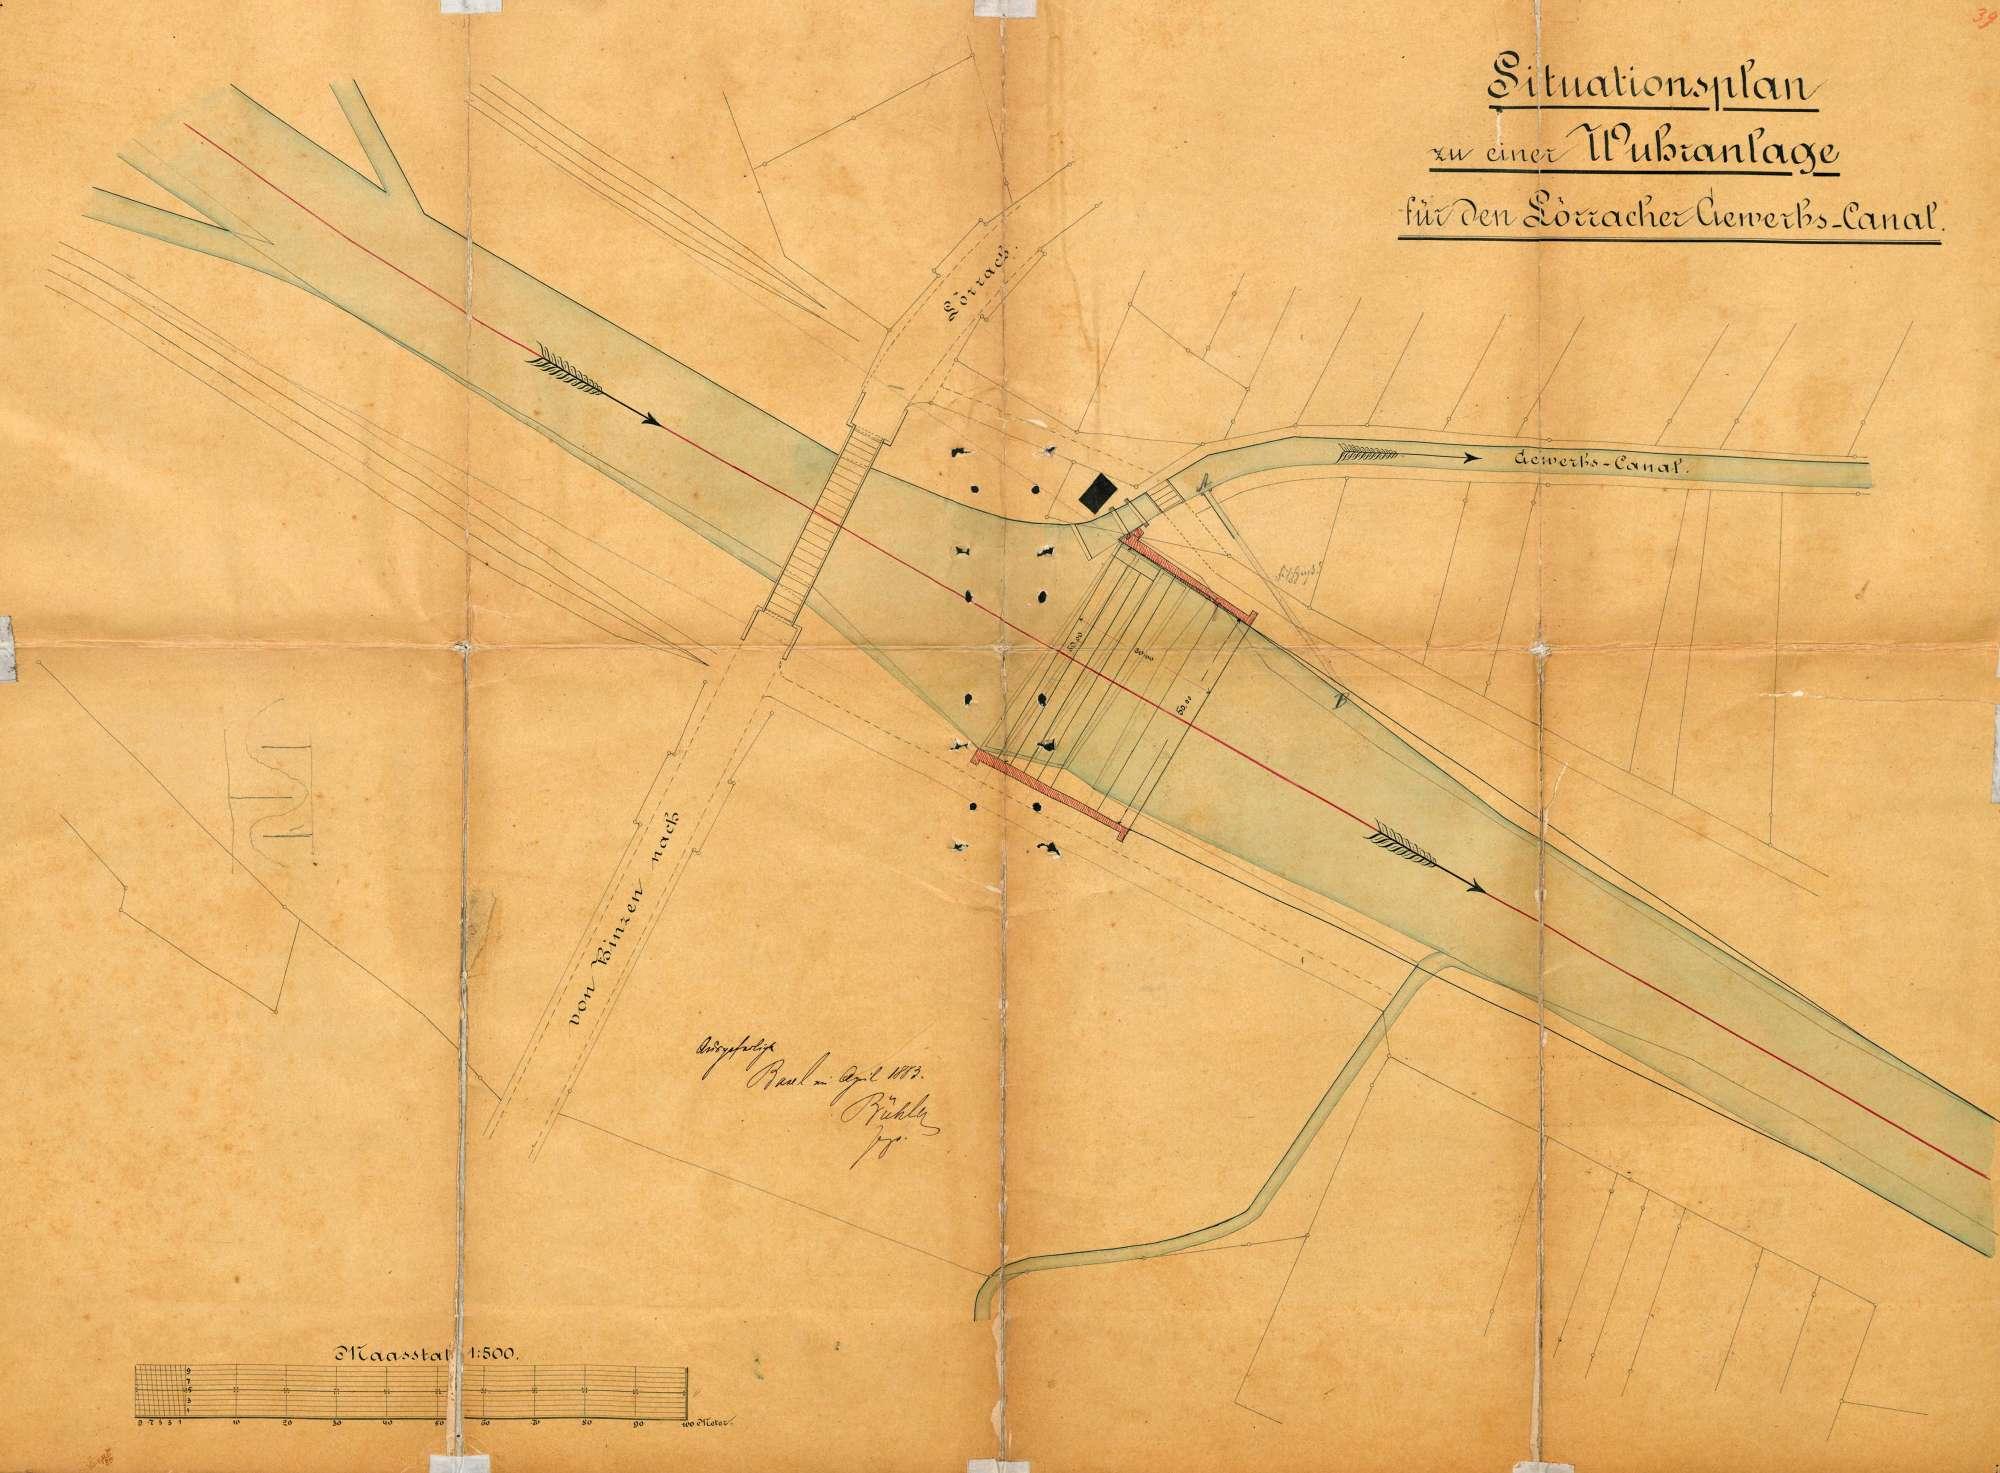 Wiederherstellung des im Dezember 1882 durch Hochwasser zerstörten Gewerbewuhrs bei der Wiesebrücke in Tumringen, Bild 1